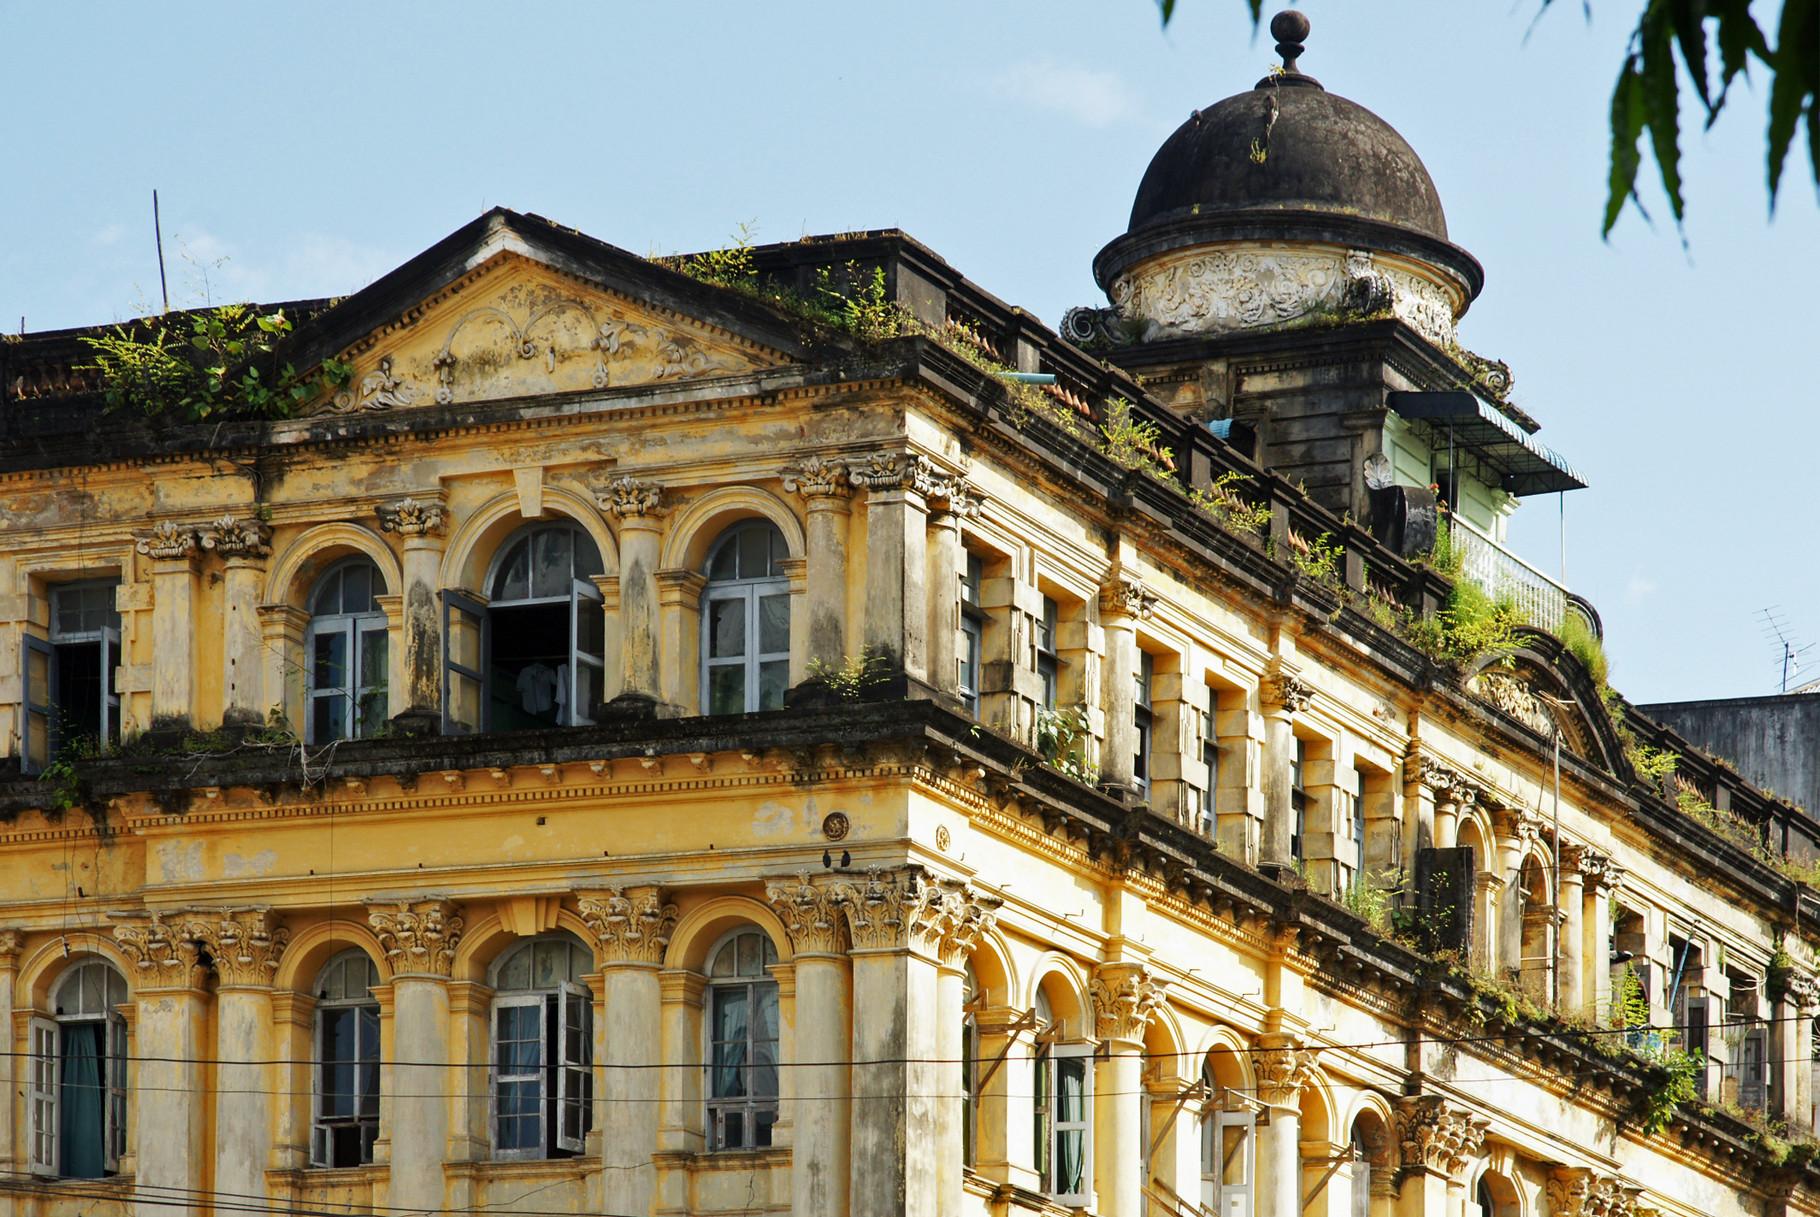 Kolonial - Architektur aus der Zeit  englischen Besatzung